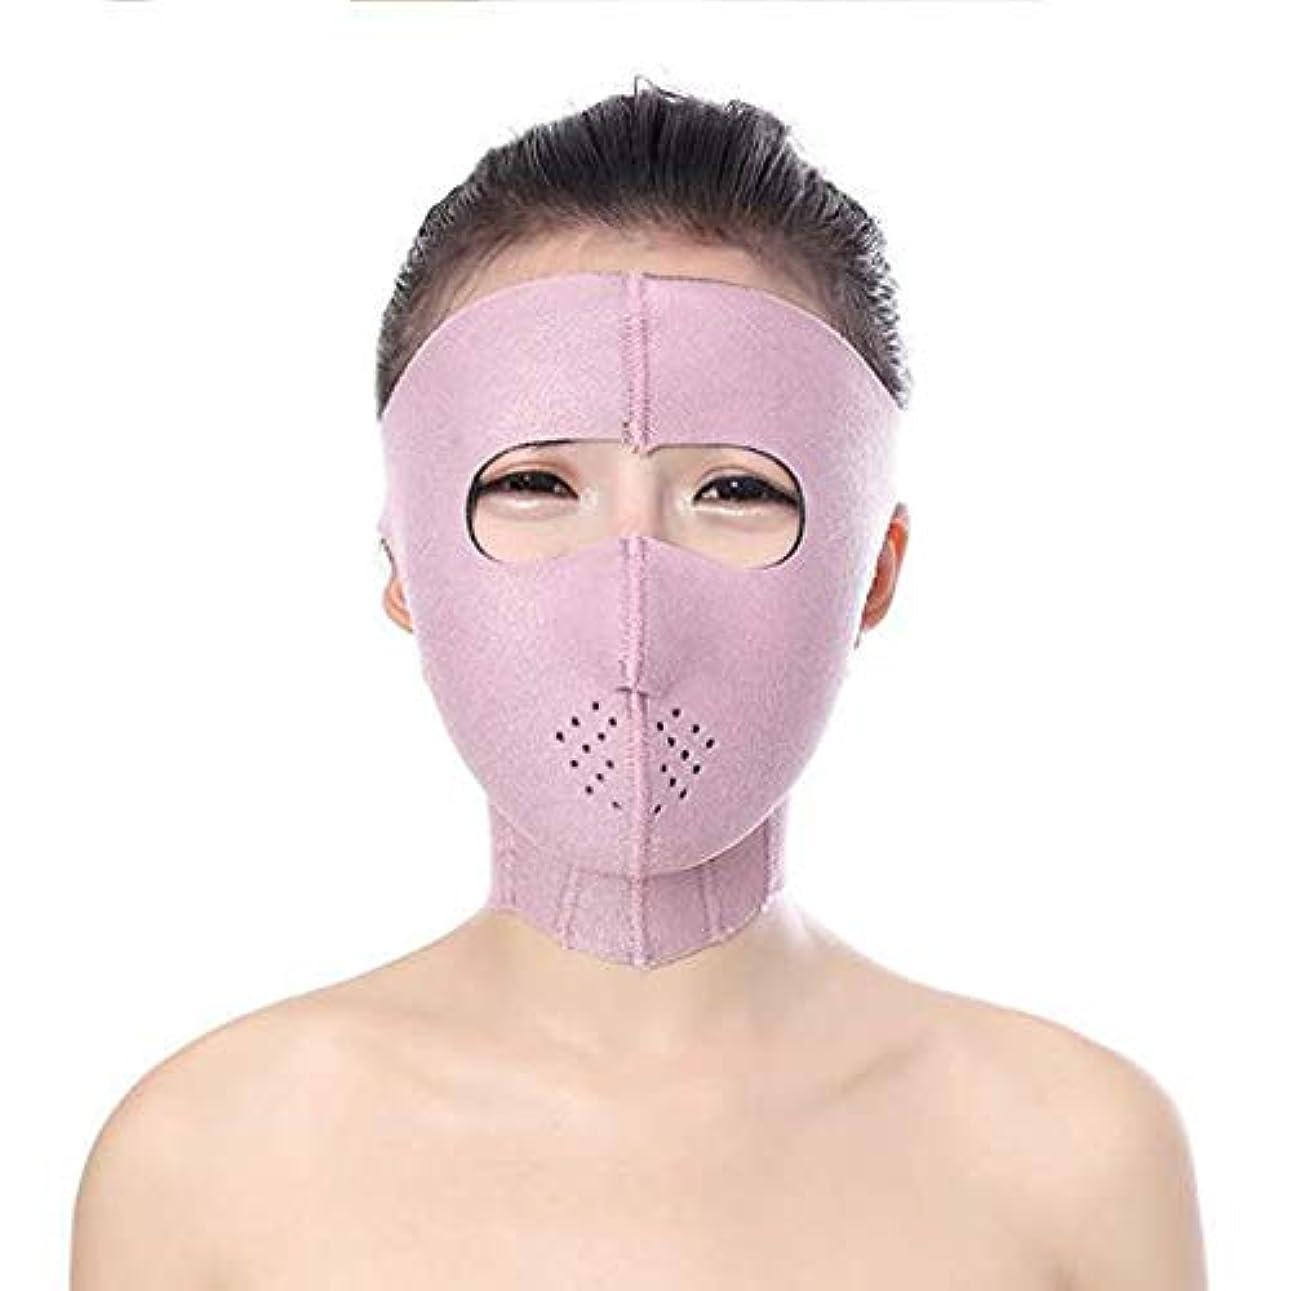 感染する句読点啓示Jia He 軽量 薄い顔ベルト、Vフェイススリミング頬マスク超薄型アンチエイジングリンクルフェイシャルマスクスリムアップベルトは二重あごストラップを削減 ## (Color : Pink)